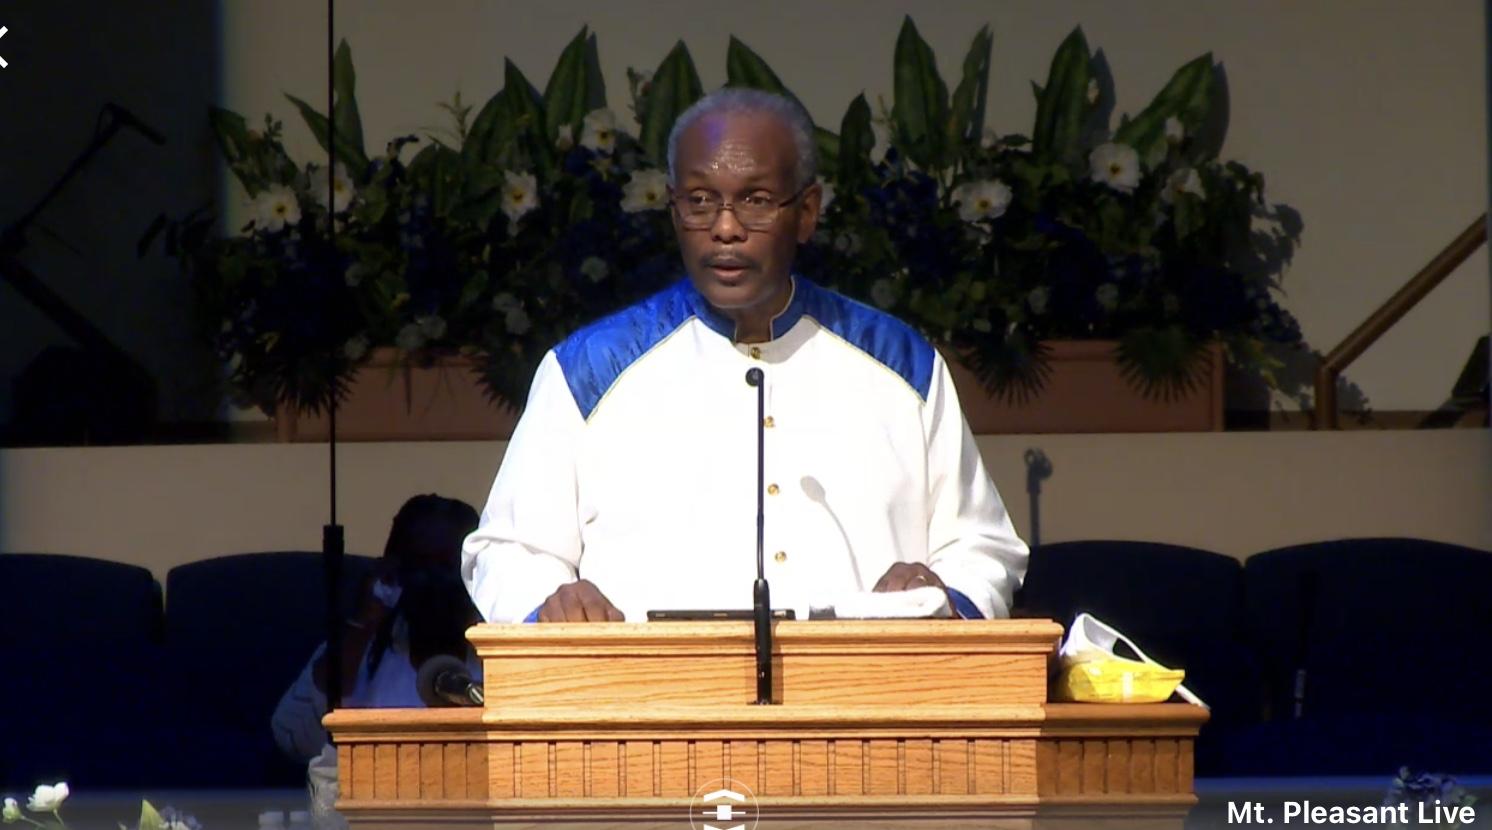 The Good Shepherd Rev. Dr. Willie E. Robinson